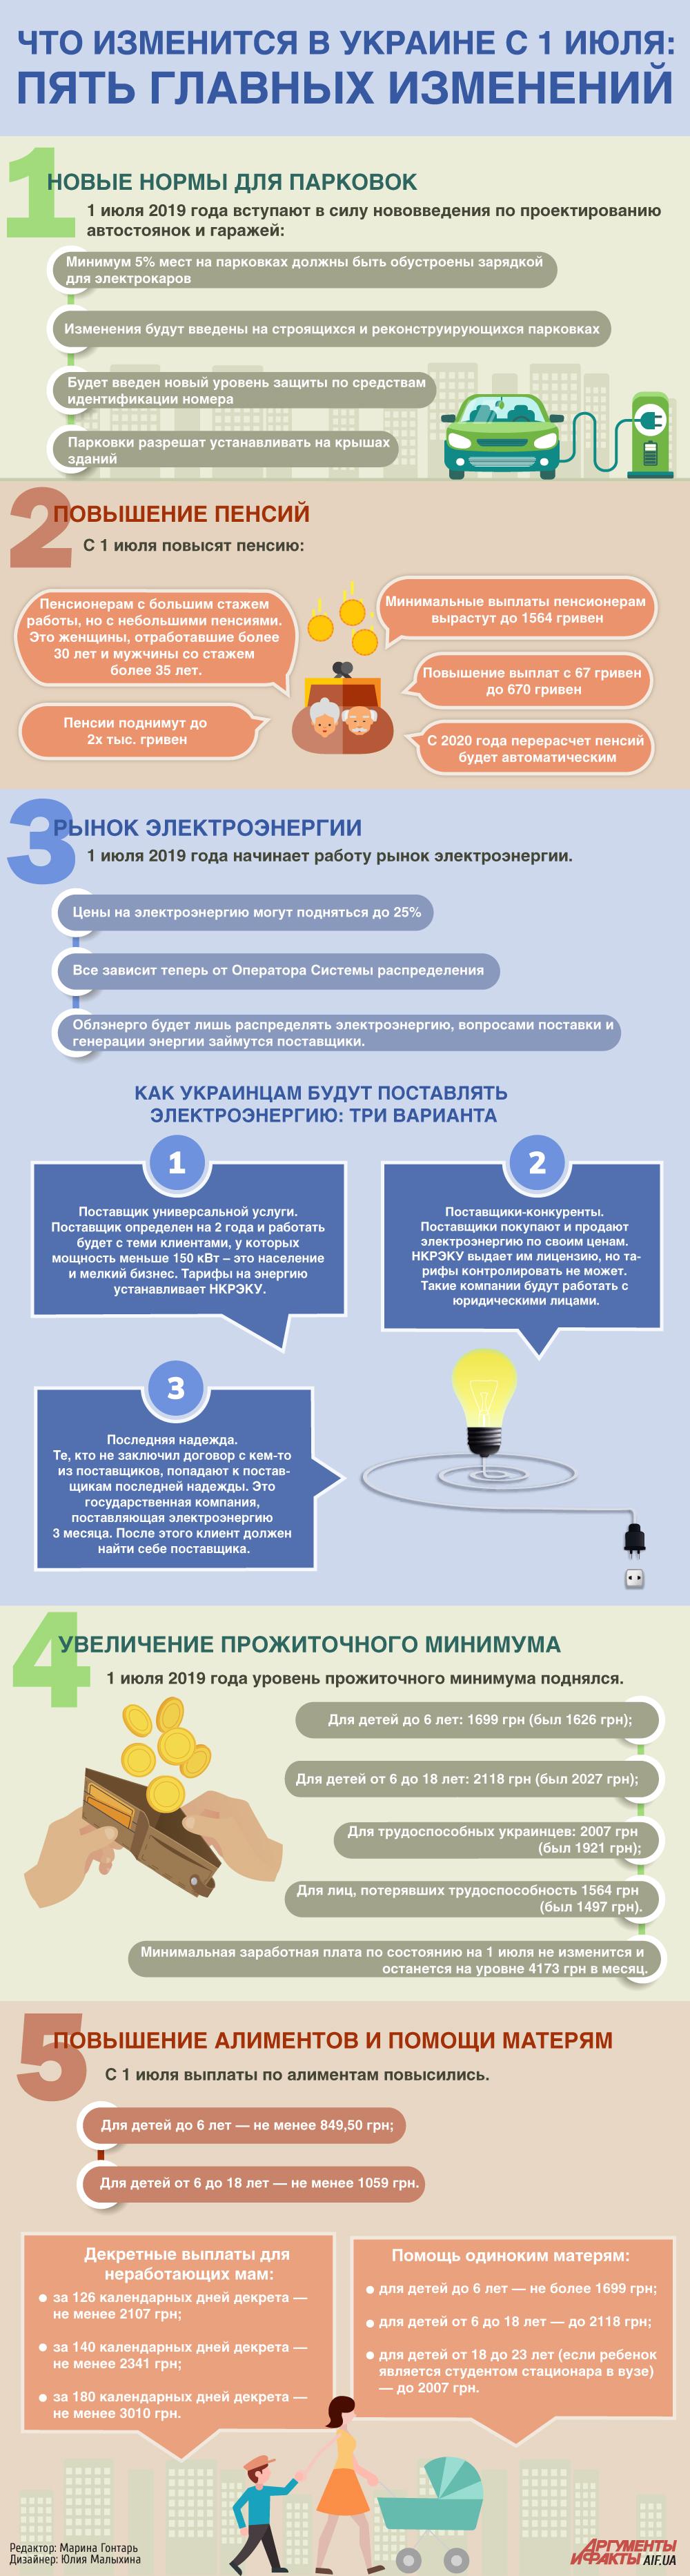 Пять главных изменений июля в Украине